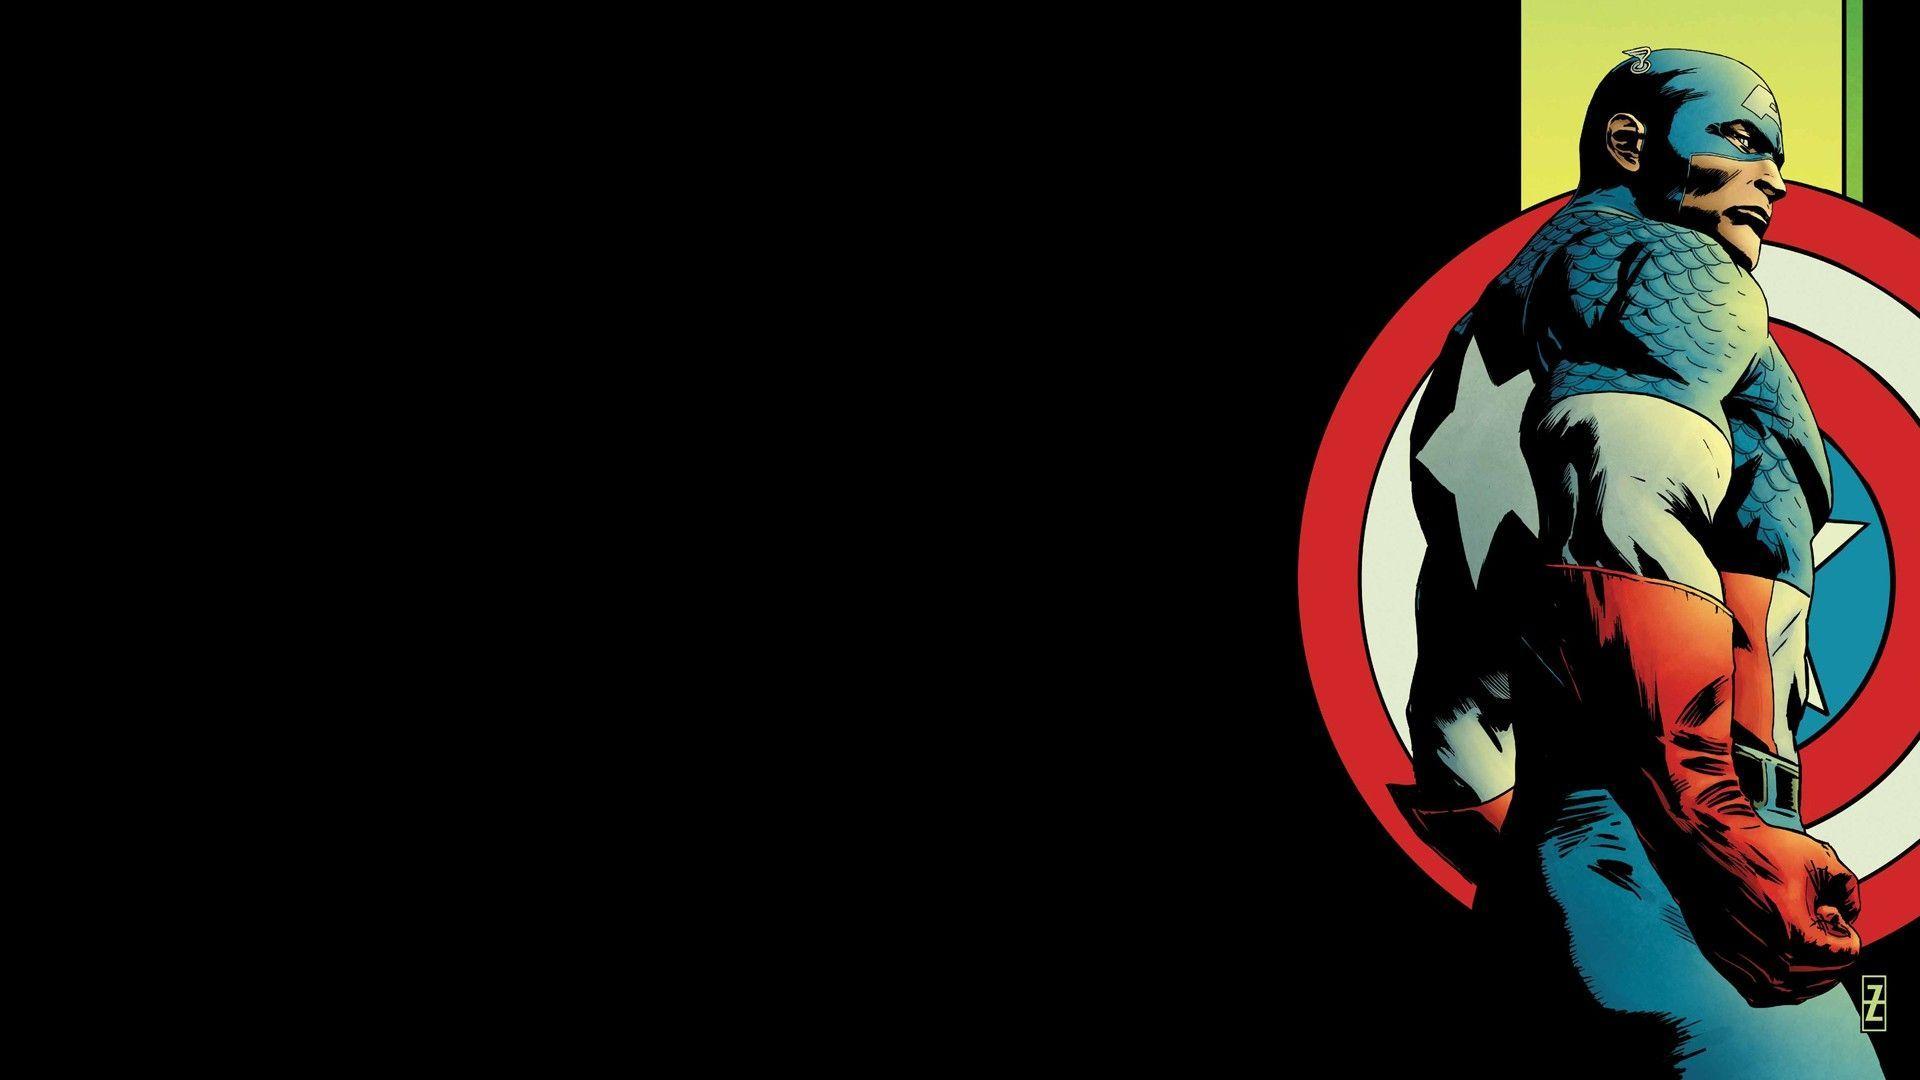 Comic Book free download wallpaper